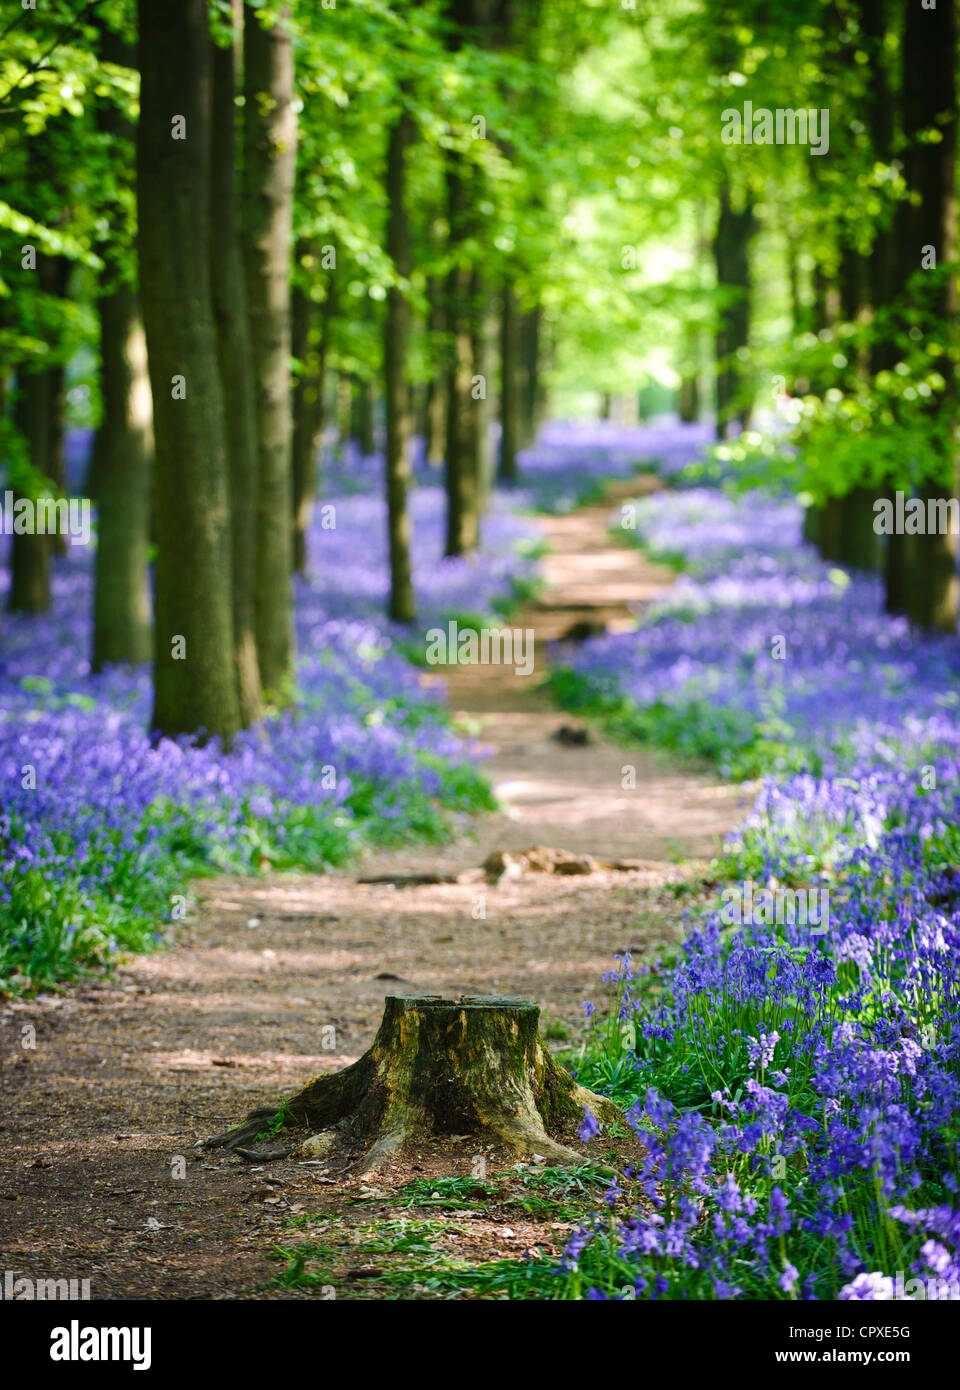 Jacinthes en fleurs couvrant le sol en un tapis de bleu dans une belle plage arbre woodland à Hertfordshire, Photo Stock